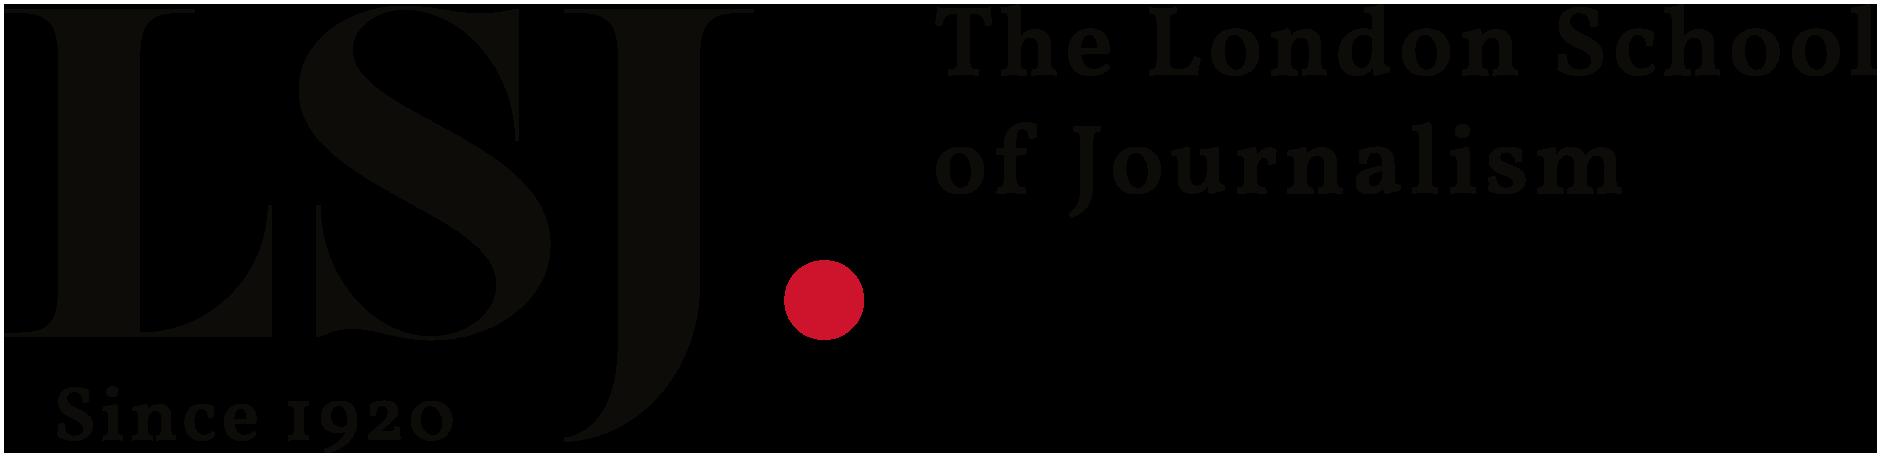 Our Tutors | London School of Journalism